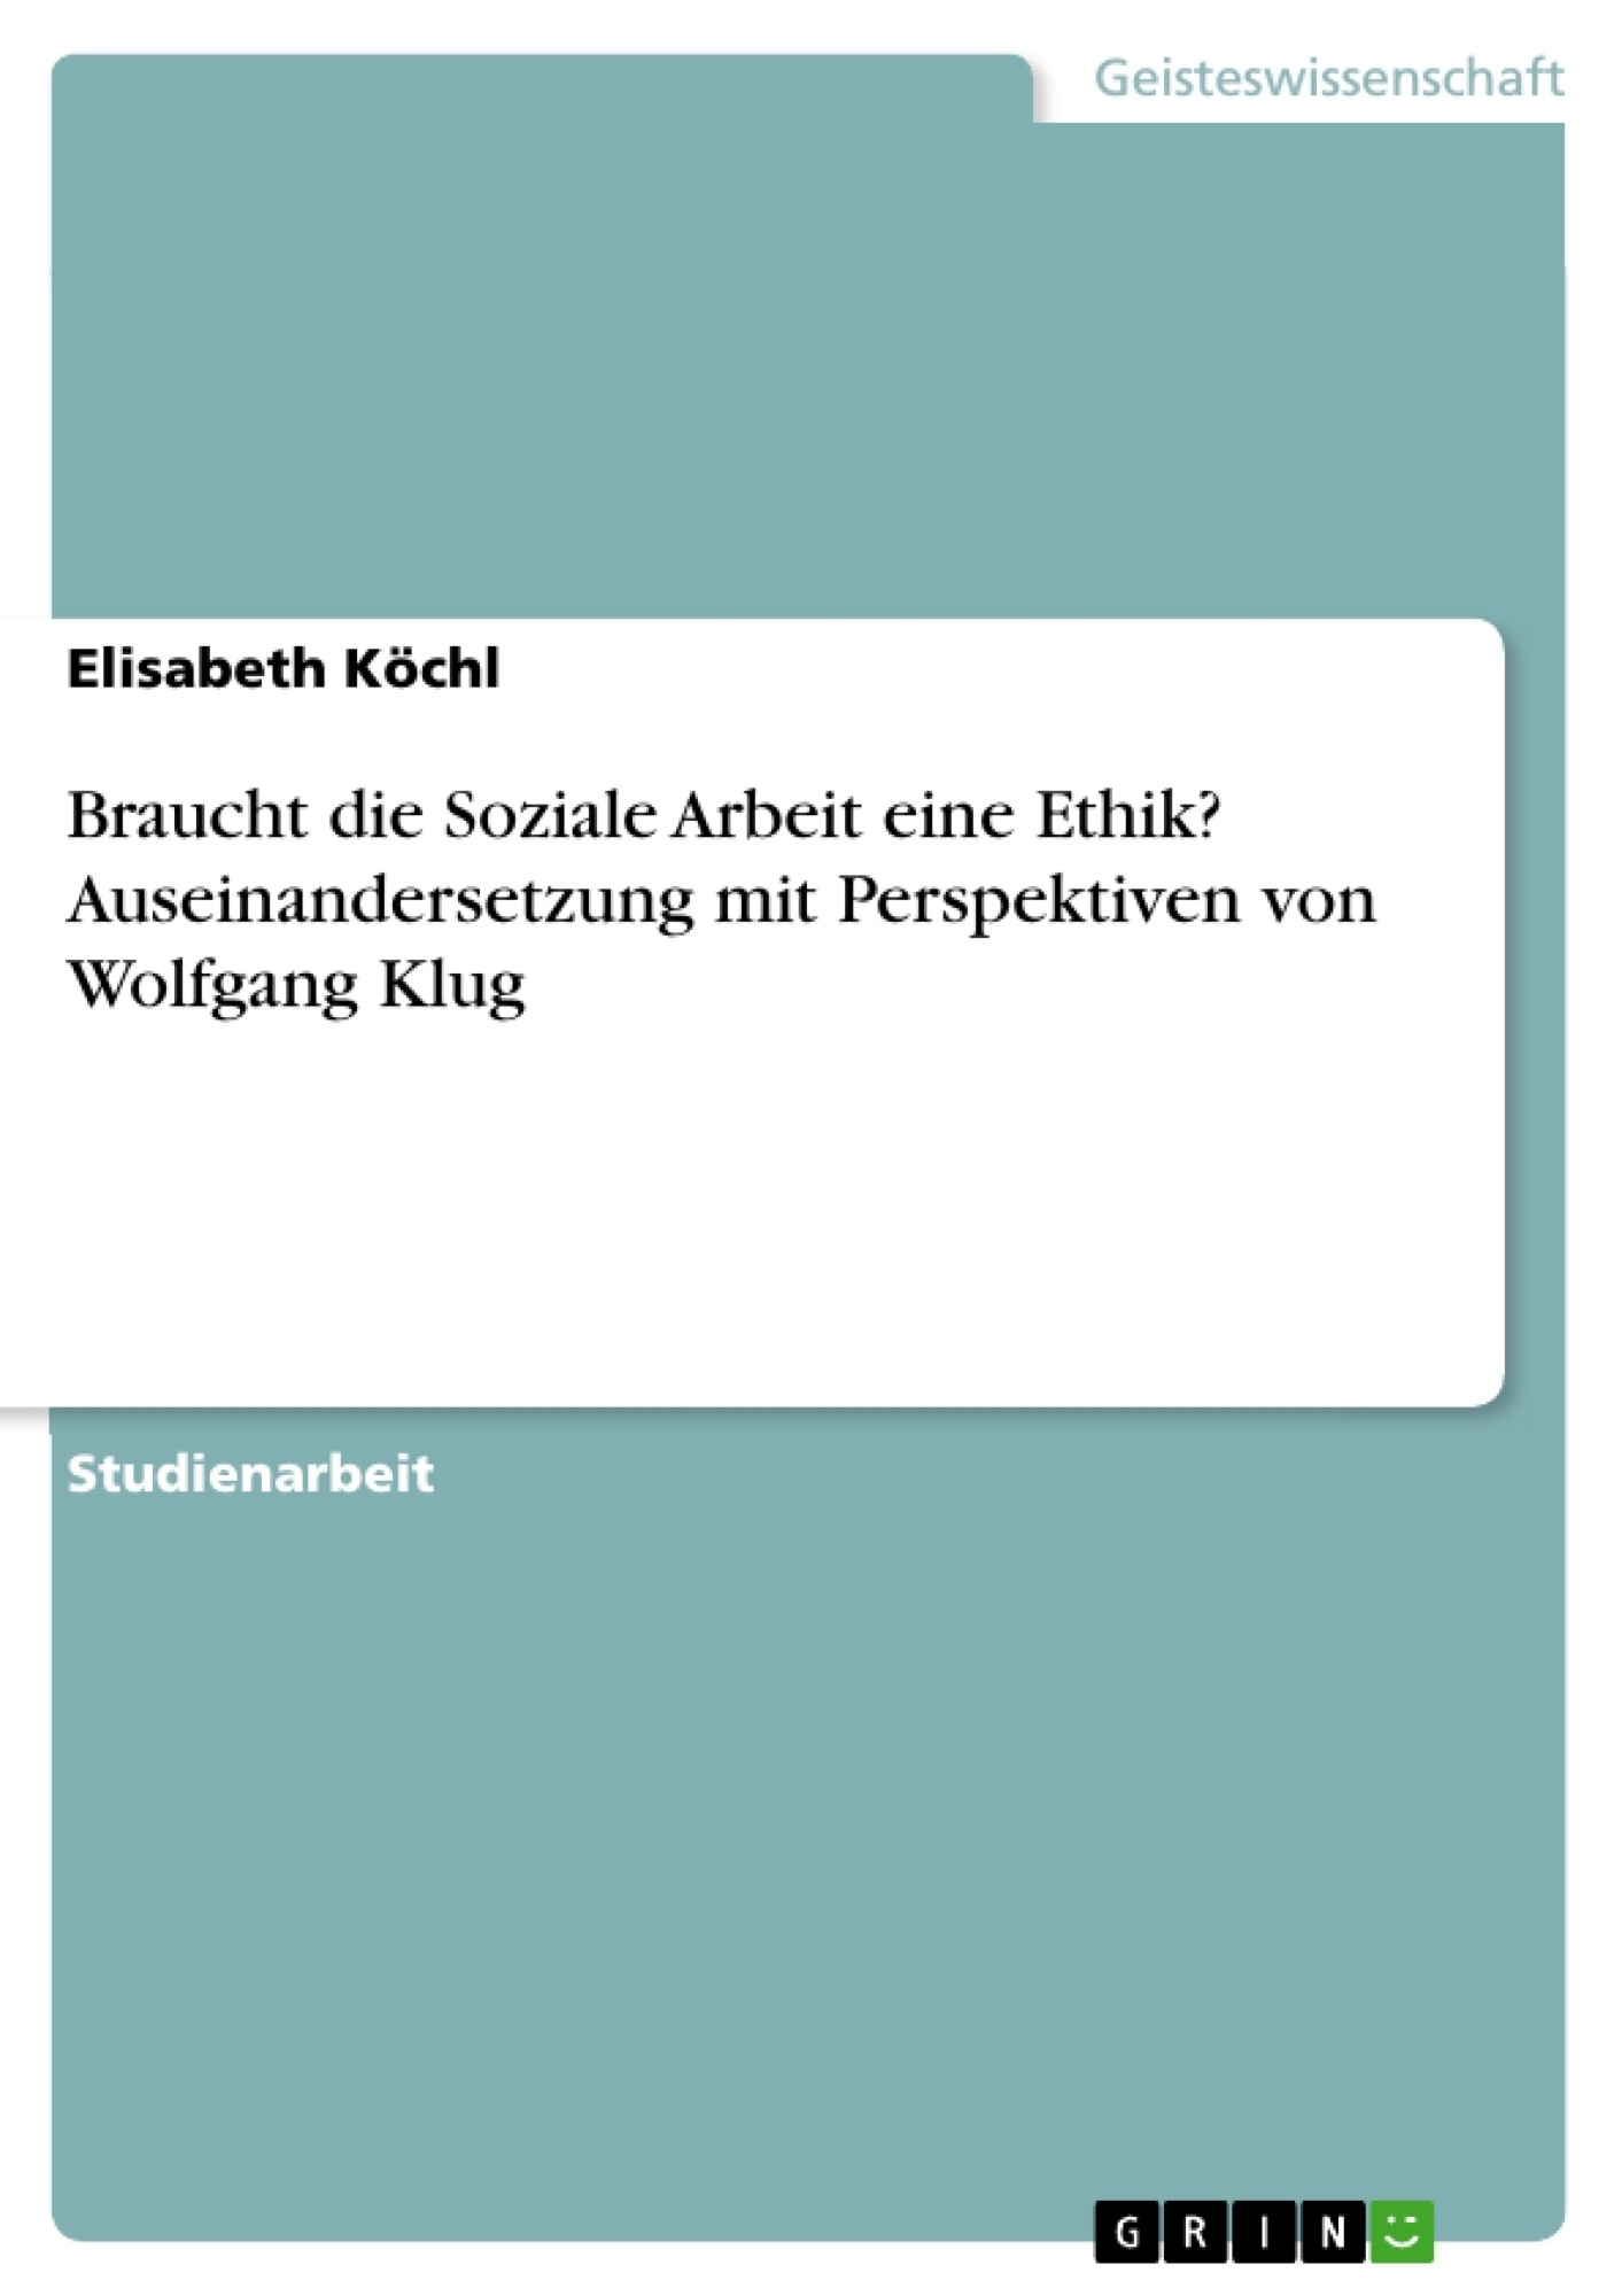 Titel: Braucht die Soziale Arbeit eine Ethik? Auseinandersetzung mit Perspektiven von Wolfgang Klug